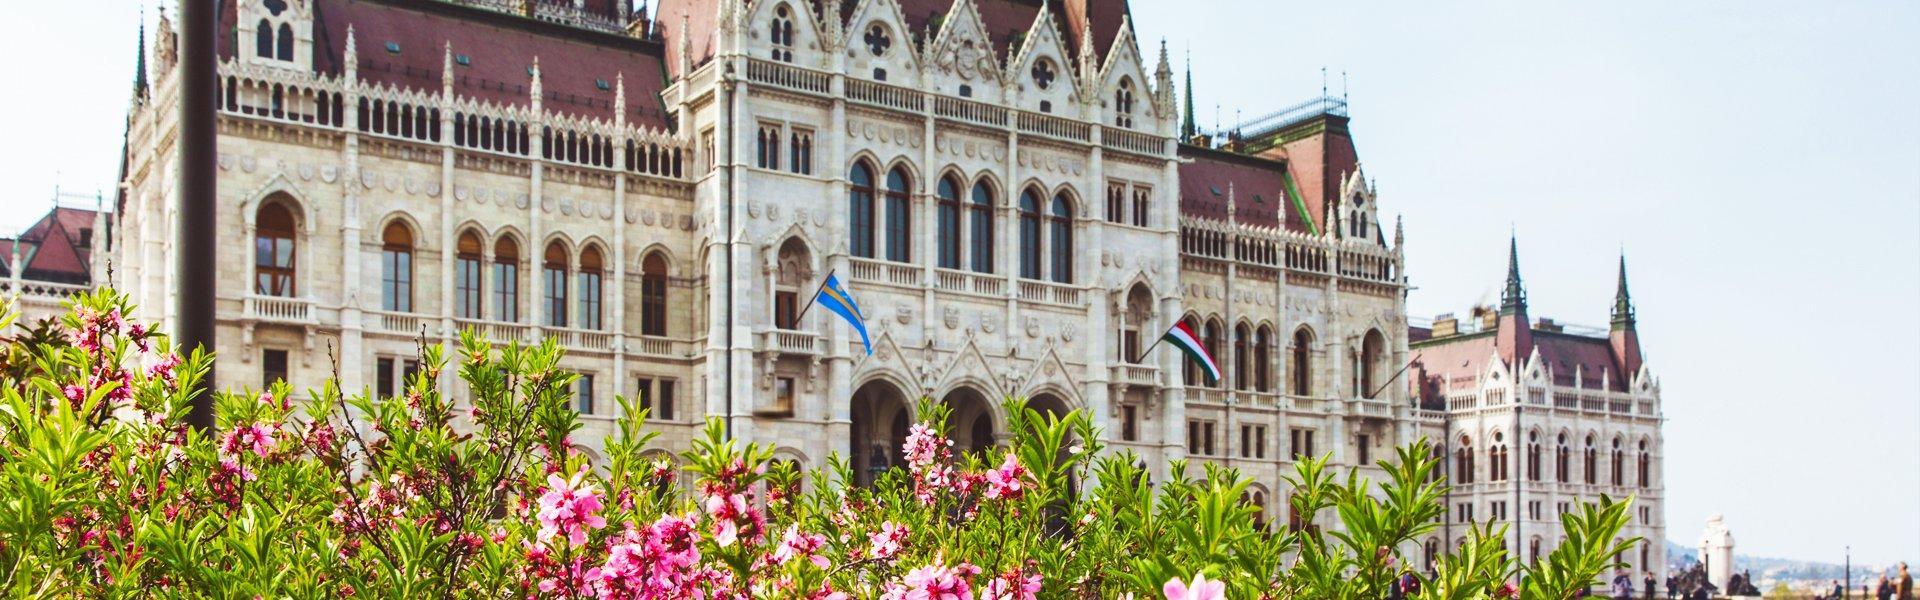 Het parlementsgebouw in Boedapest, Hongarije